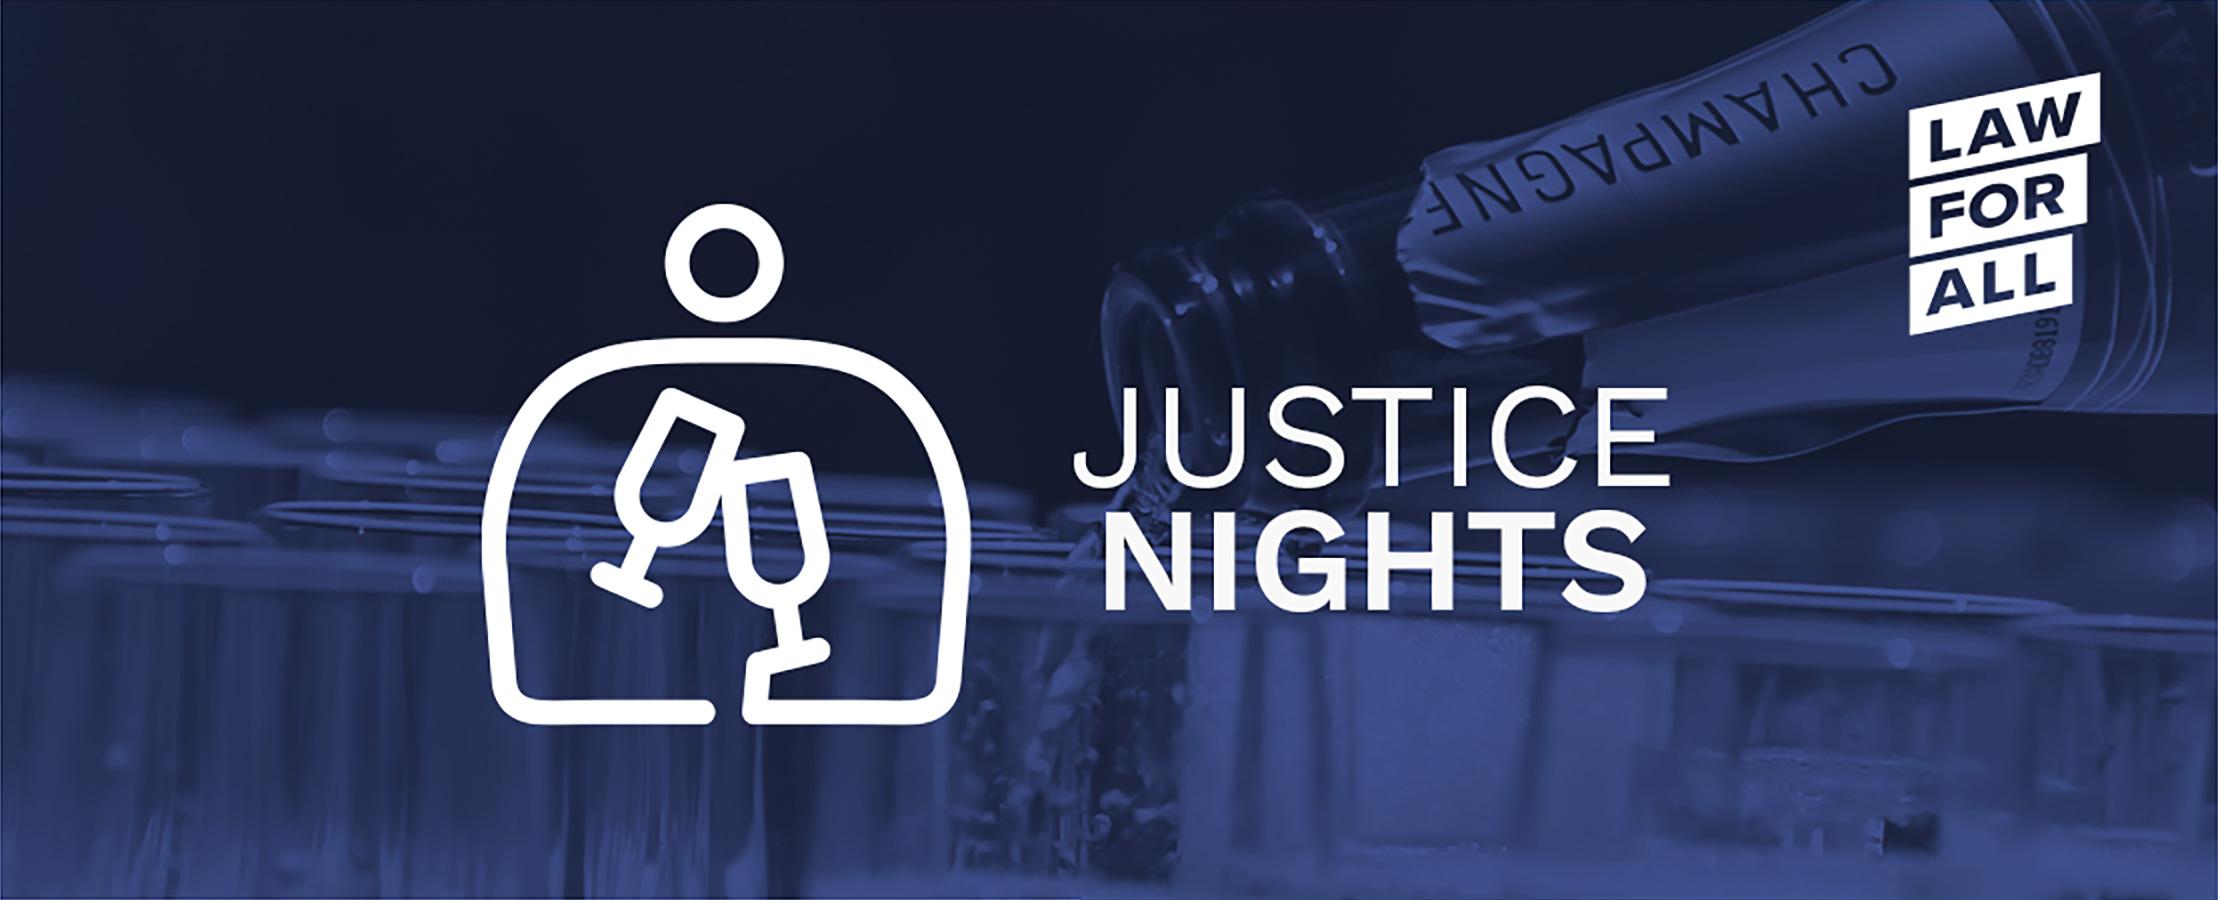 JUSTICE NIGHTS